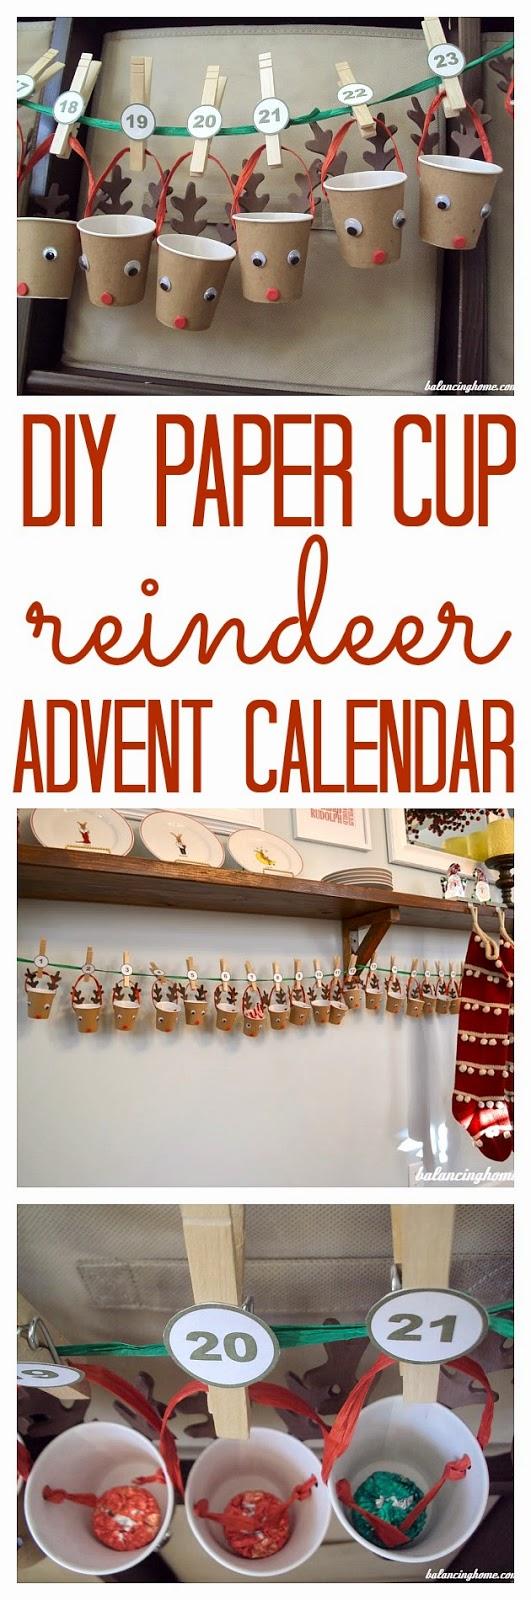 http://www.balancinghome.com/2011/12/advent-calendar.html